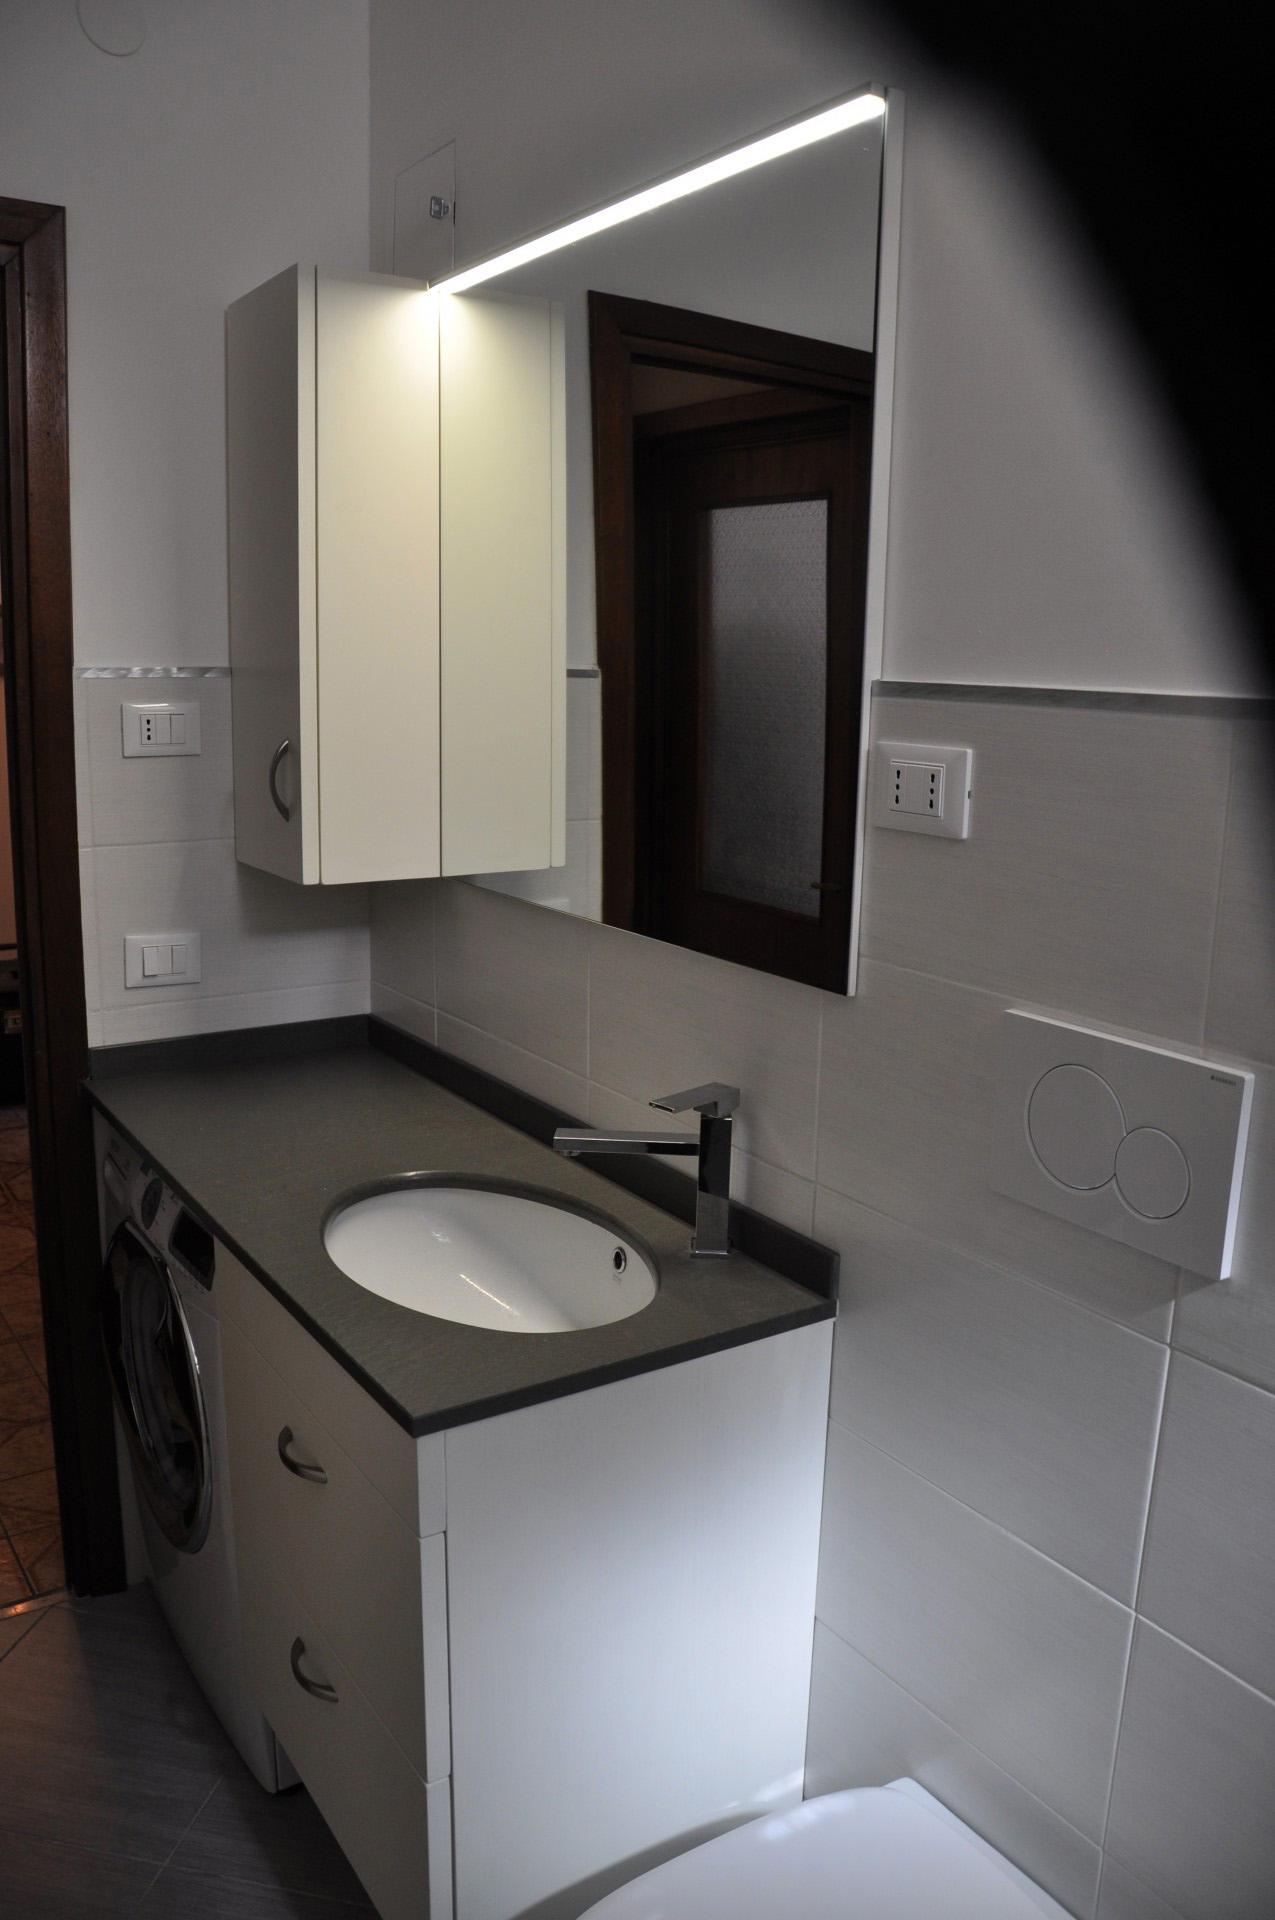 Mobili per bagno fadini mobili cerea verona - Mobile lavabo ikea ...